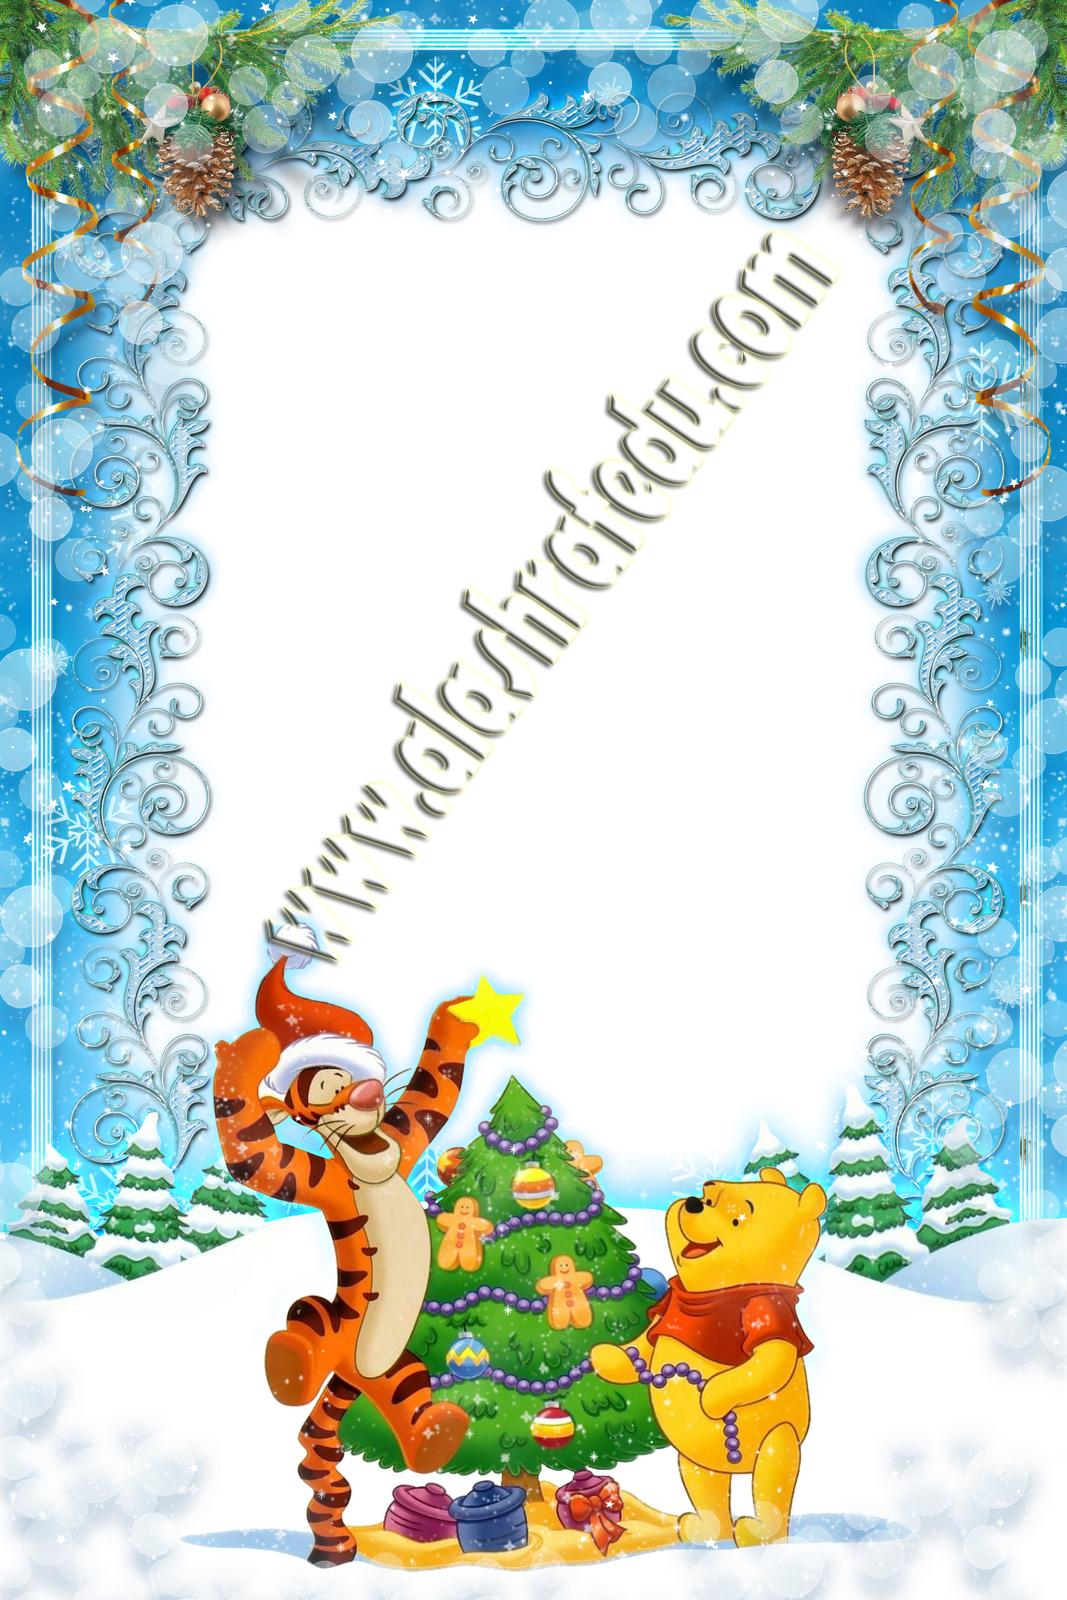 Christmas Kids Transparent Frame 2018 www.alashrafedu.com1